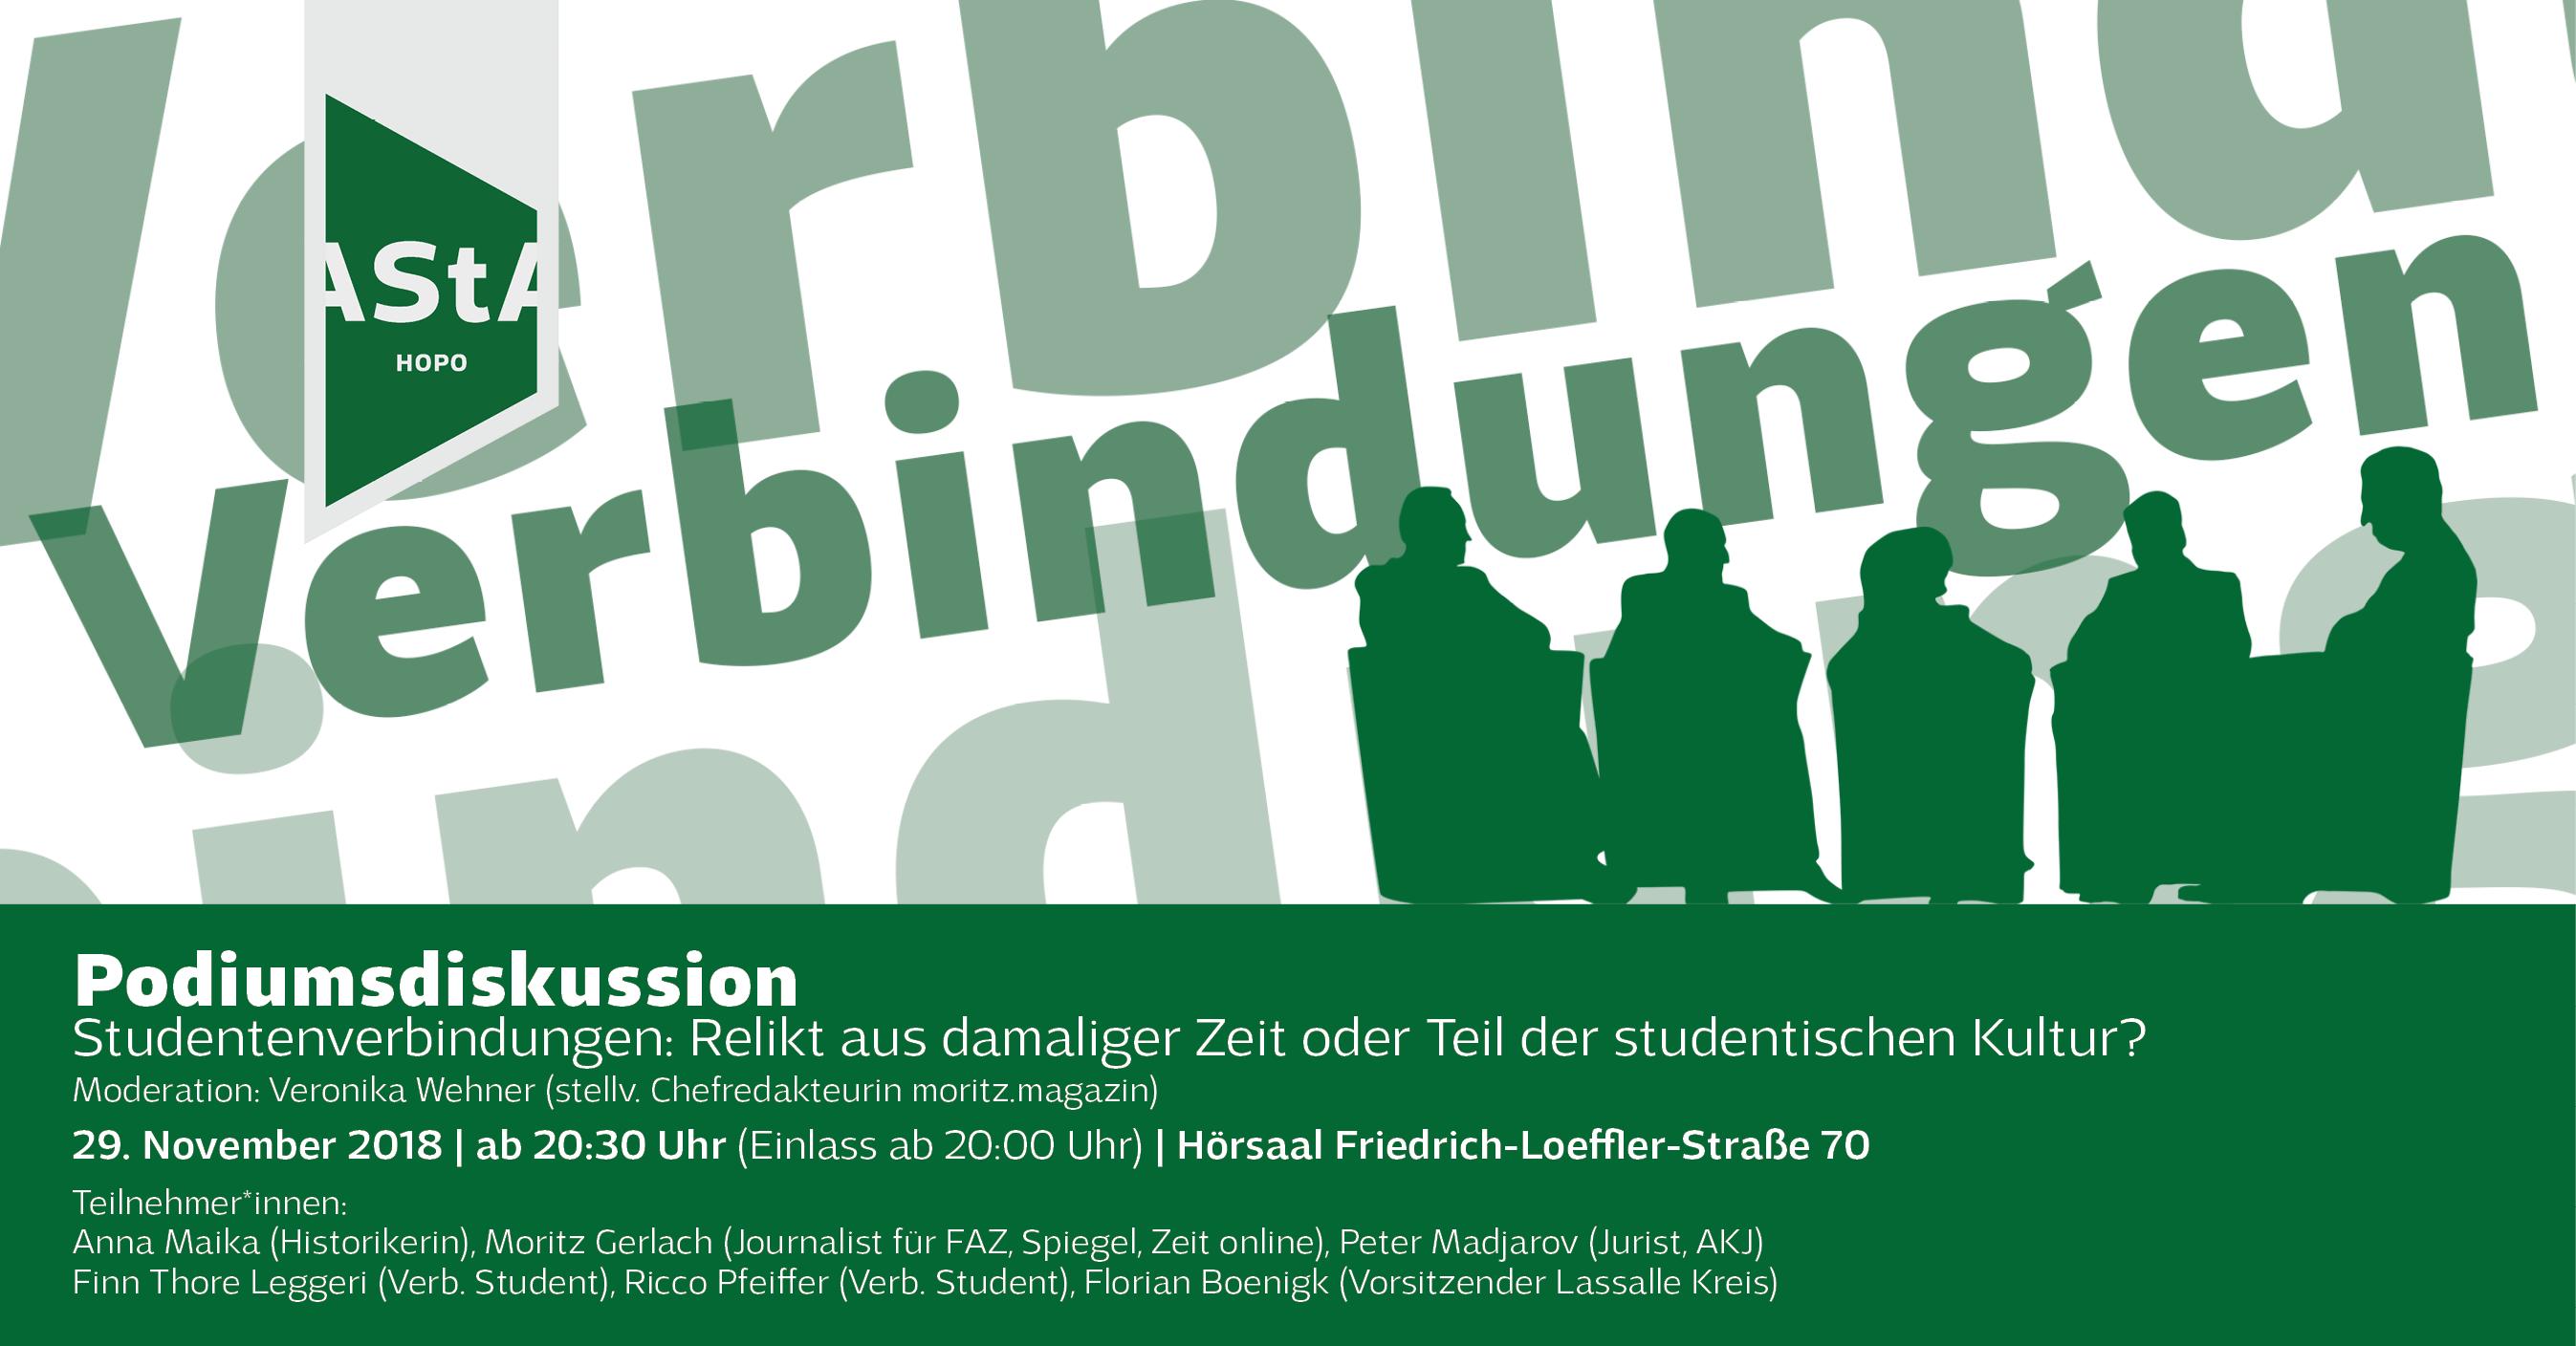 Podiumsdiskussion zu Studentenverbindungen